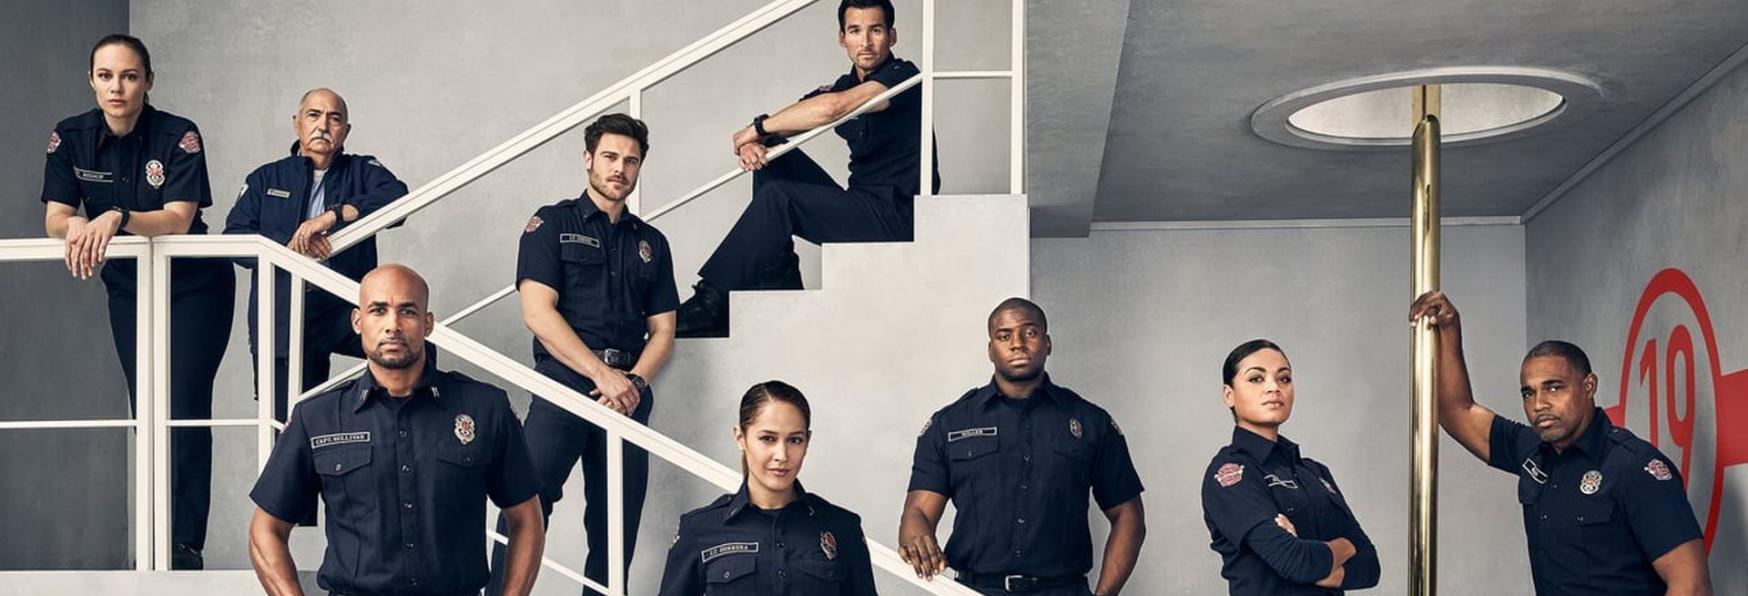 Station 19: i Personaggi di Grey's Anatomy nel Trailer dell'Episodio Finale